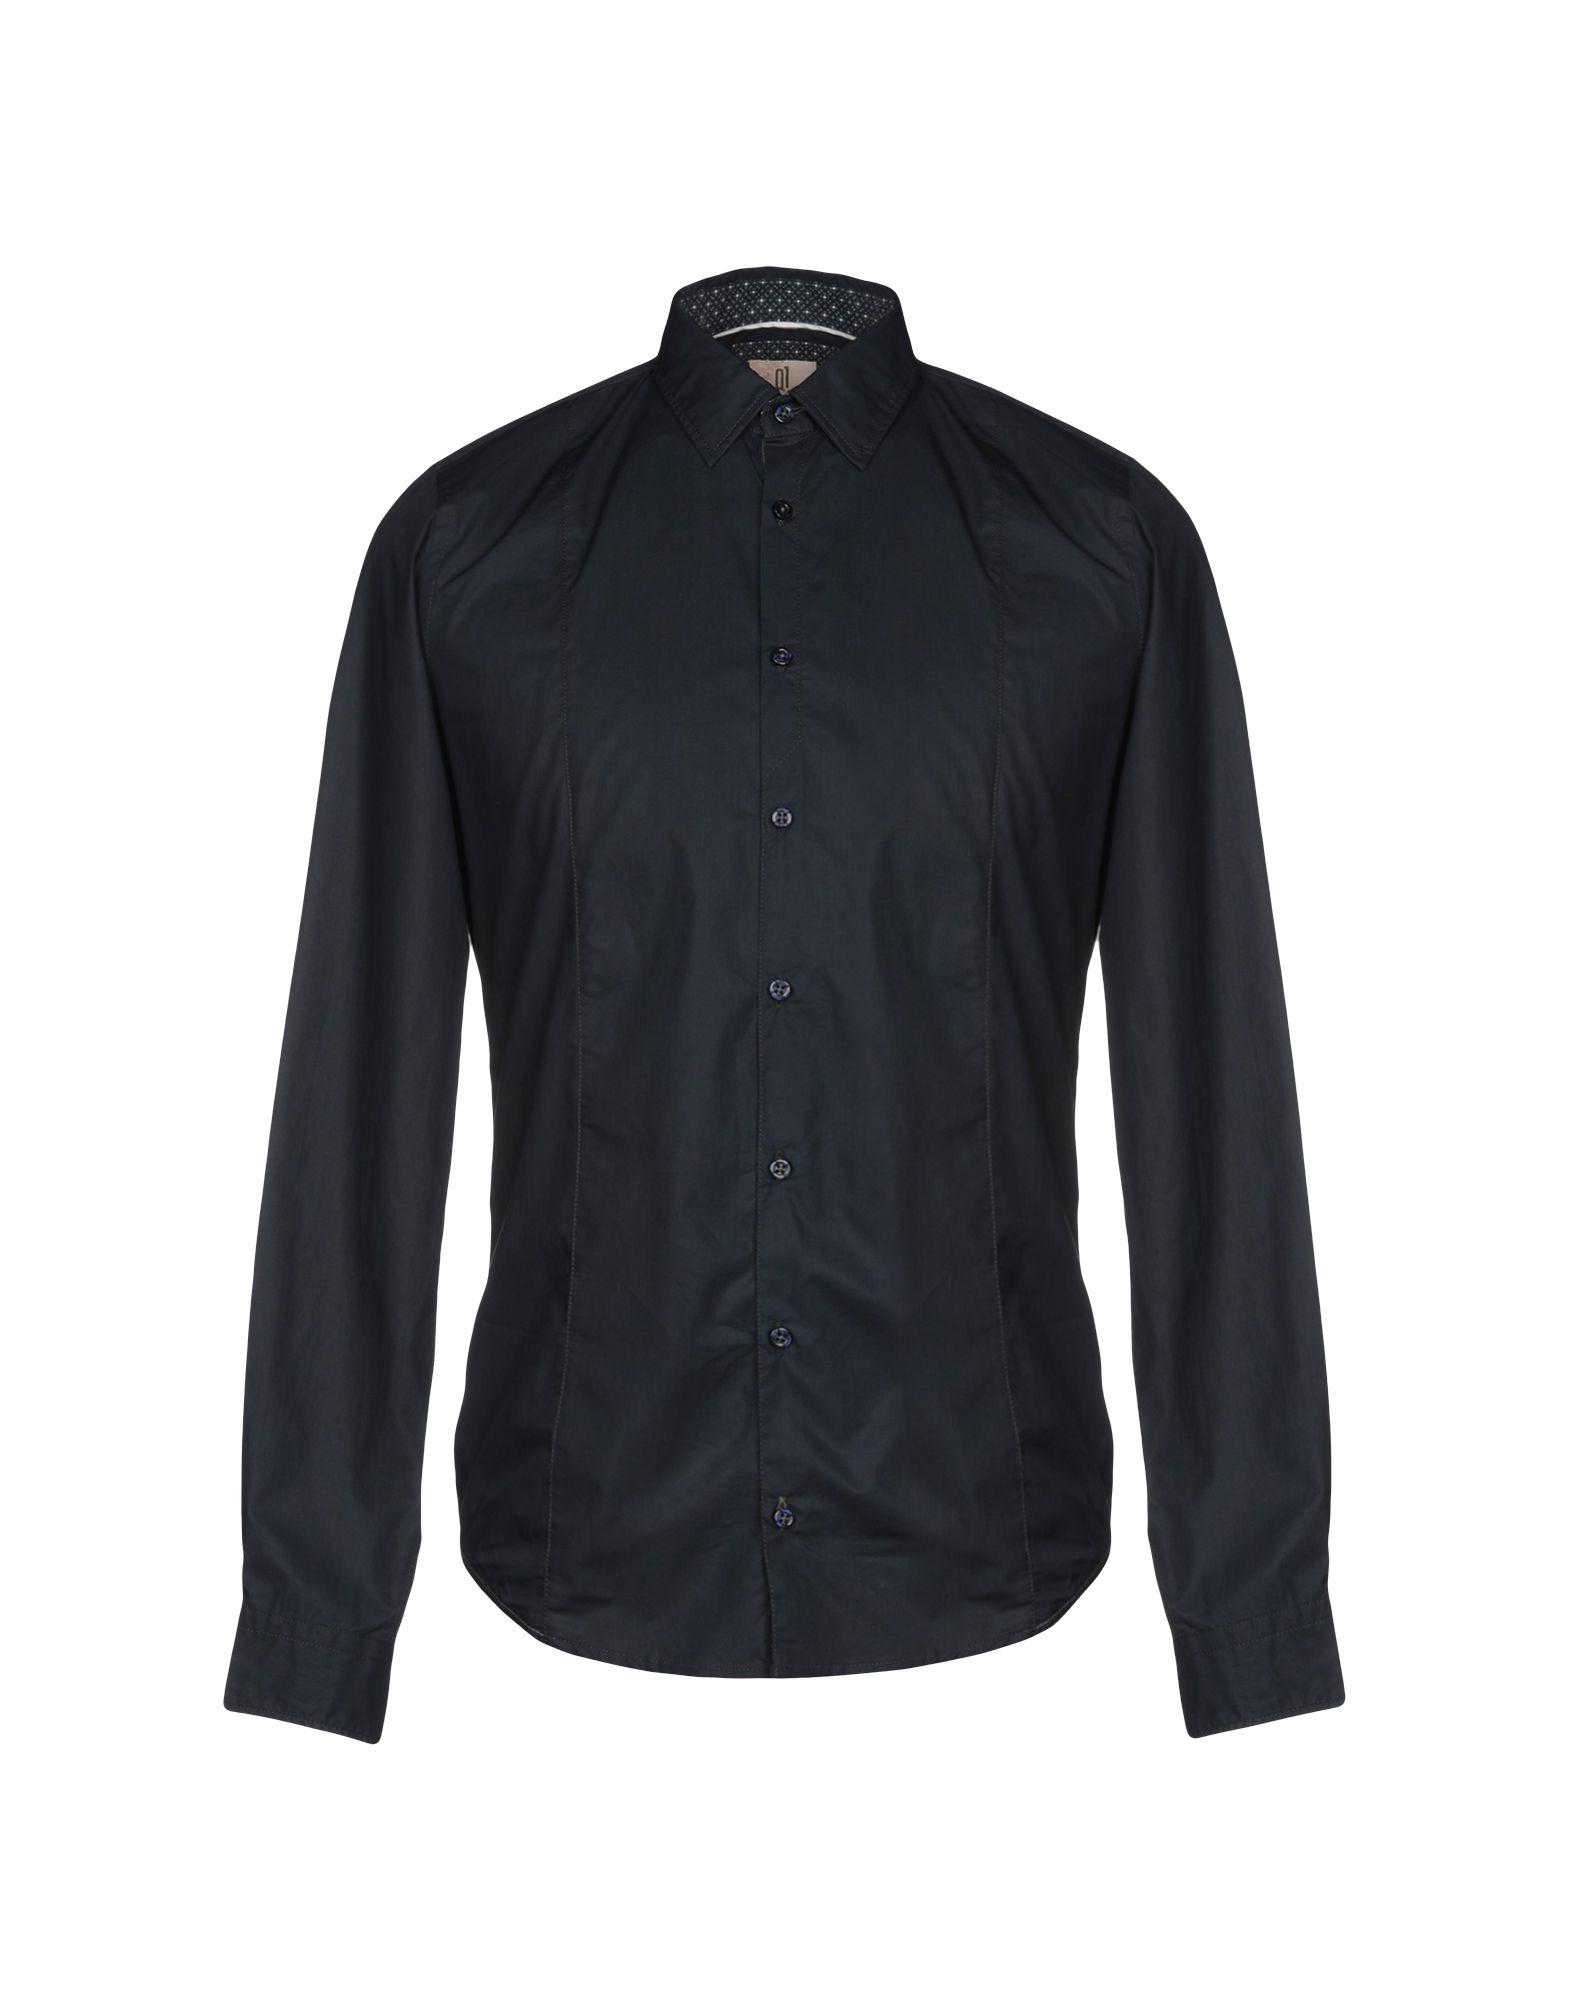 《送料無料》Q1 メンズ シャツ ダークブルー S コットン 100%